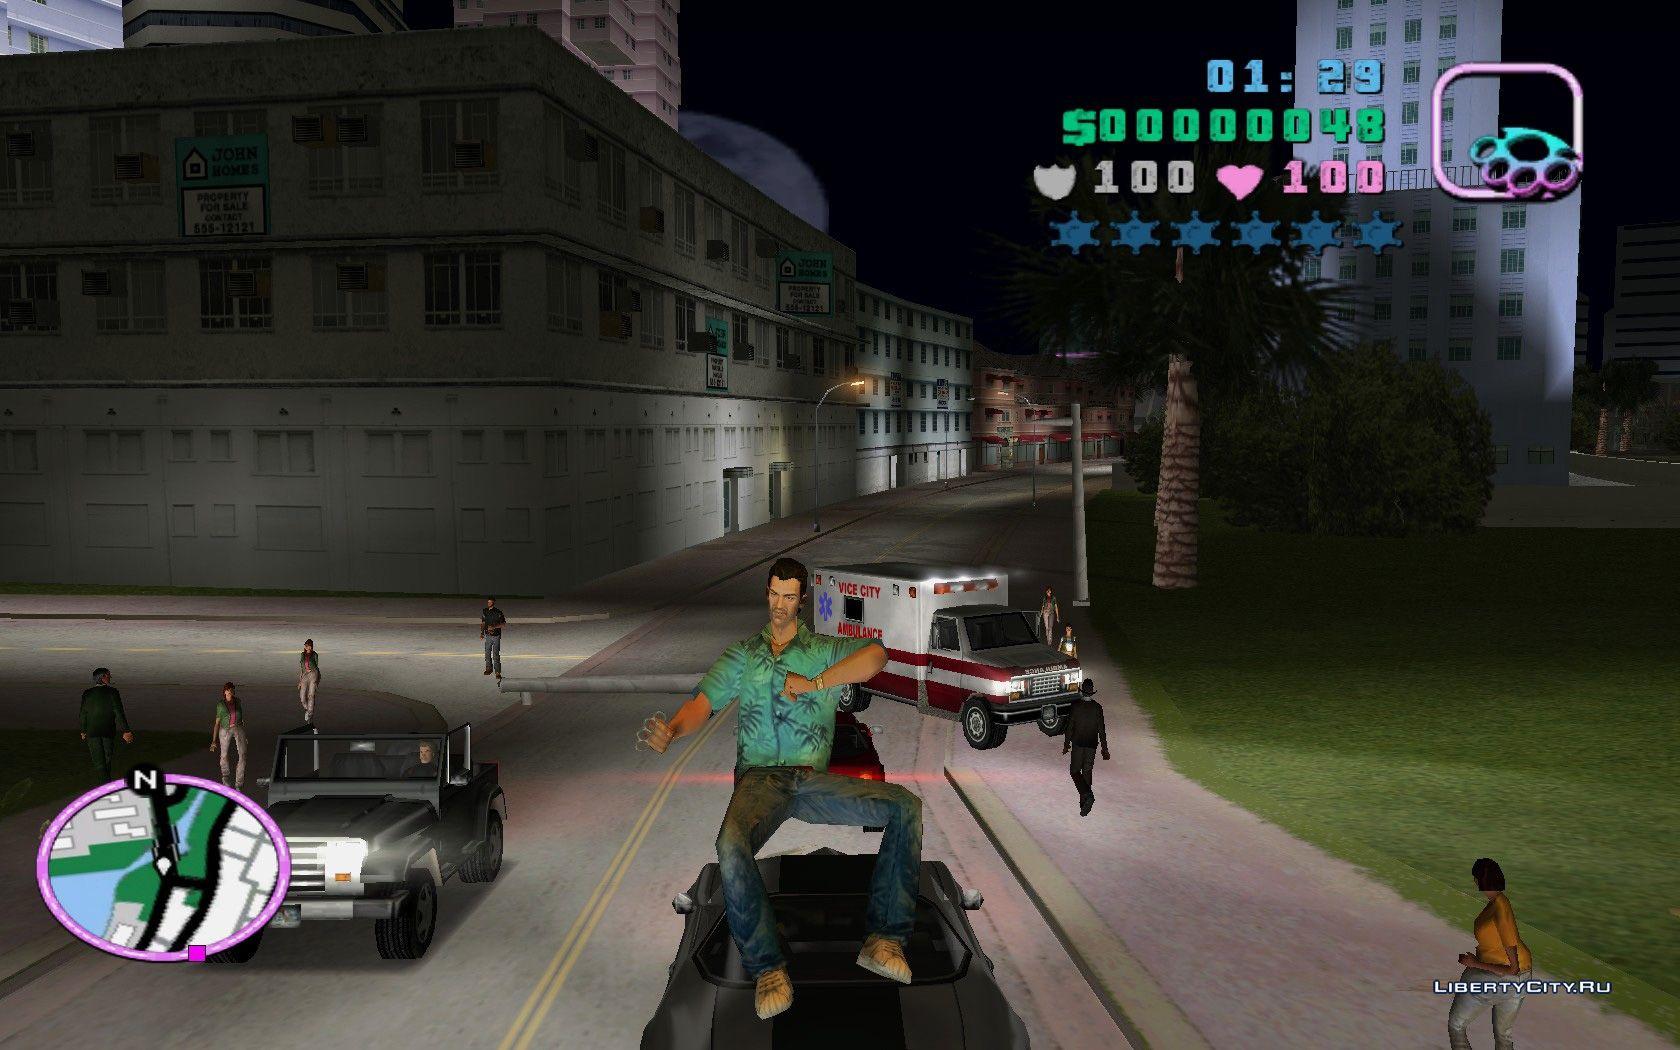 Чит коды GTA Vice City на деньги, машины, вертолет